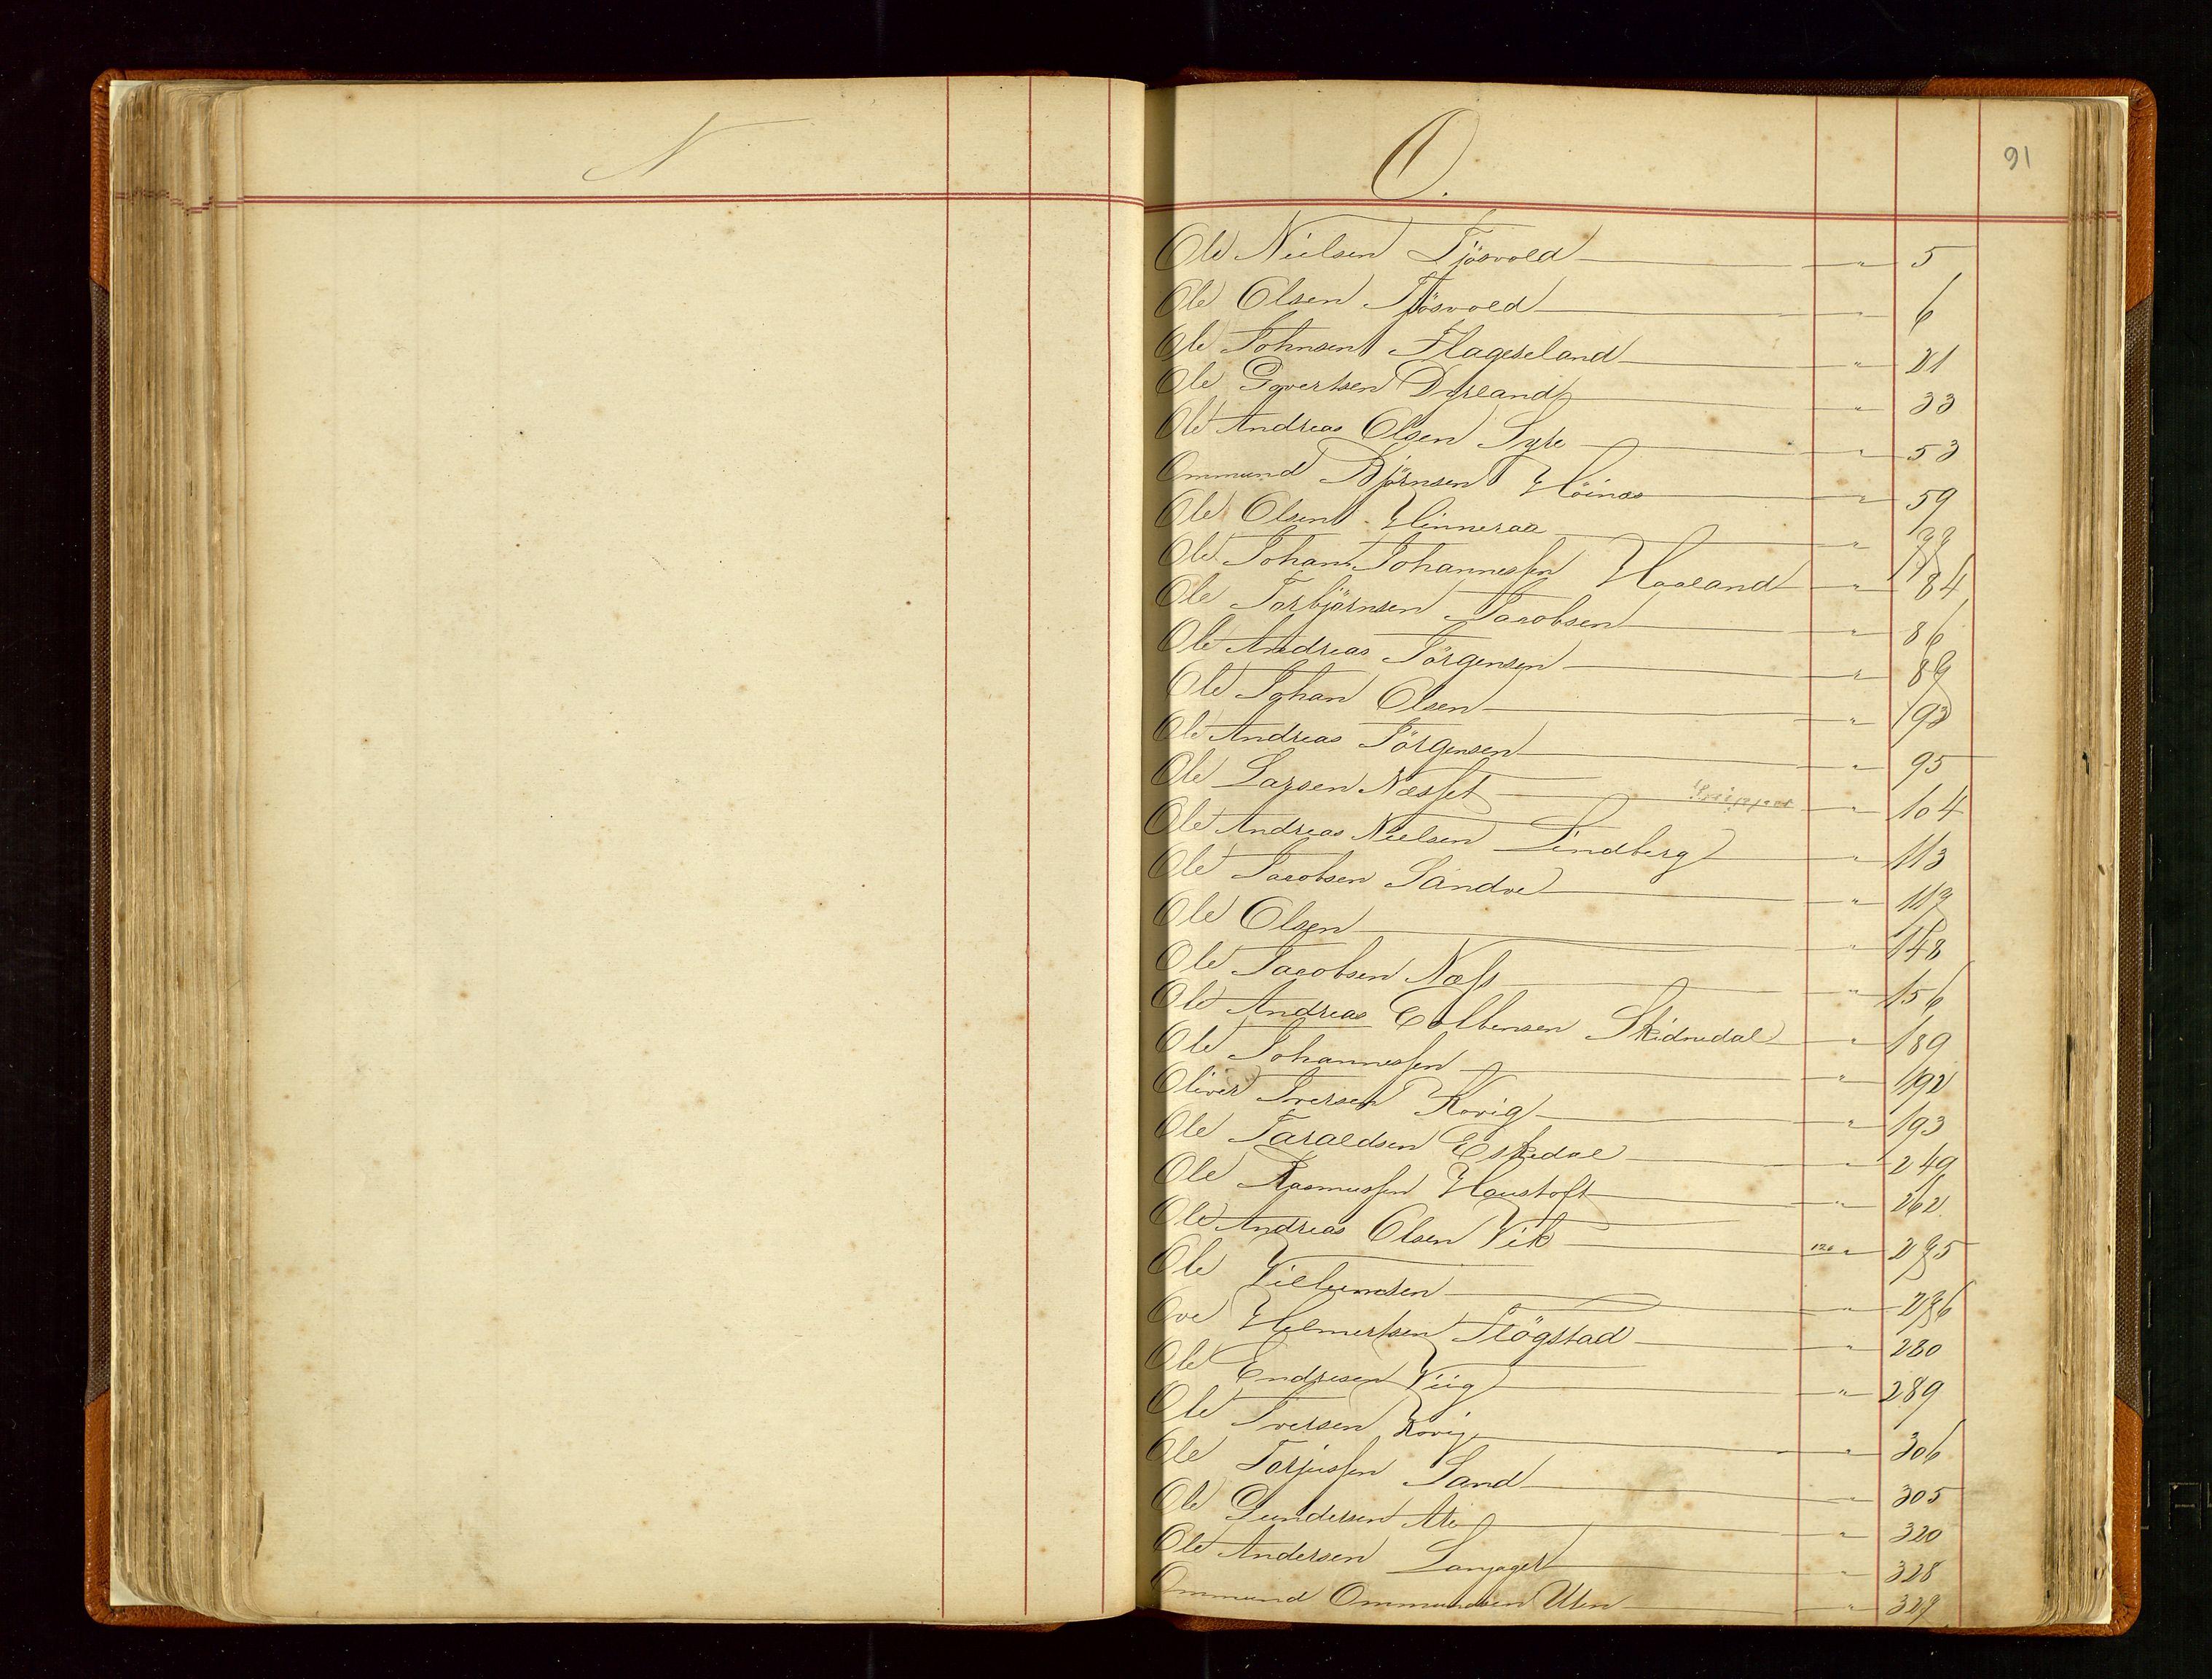 SAST, Haugesund sjømannskontor, F/Fb/Fba/L0003: Navneregister med henvisning til rullenummer (fornavn) Haugesund krets, 1860-1948, s. 91